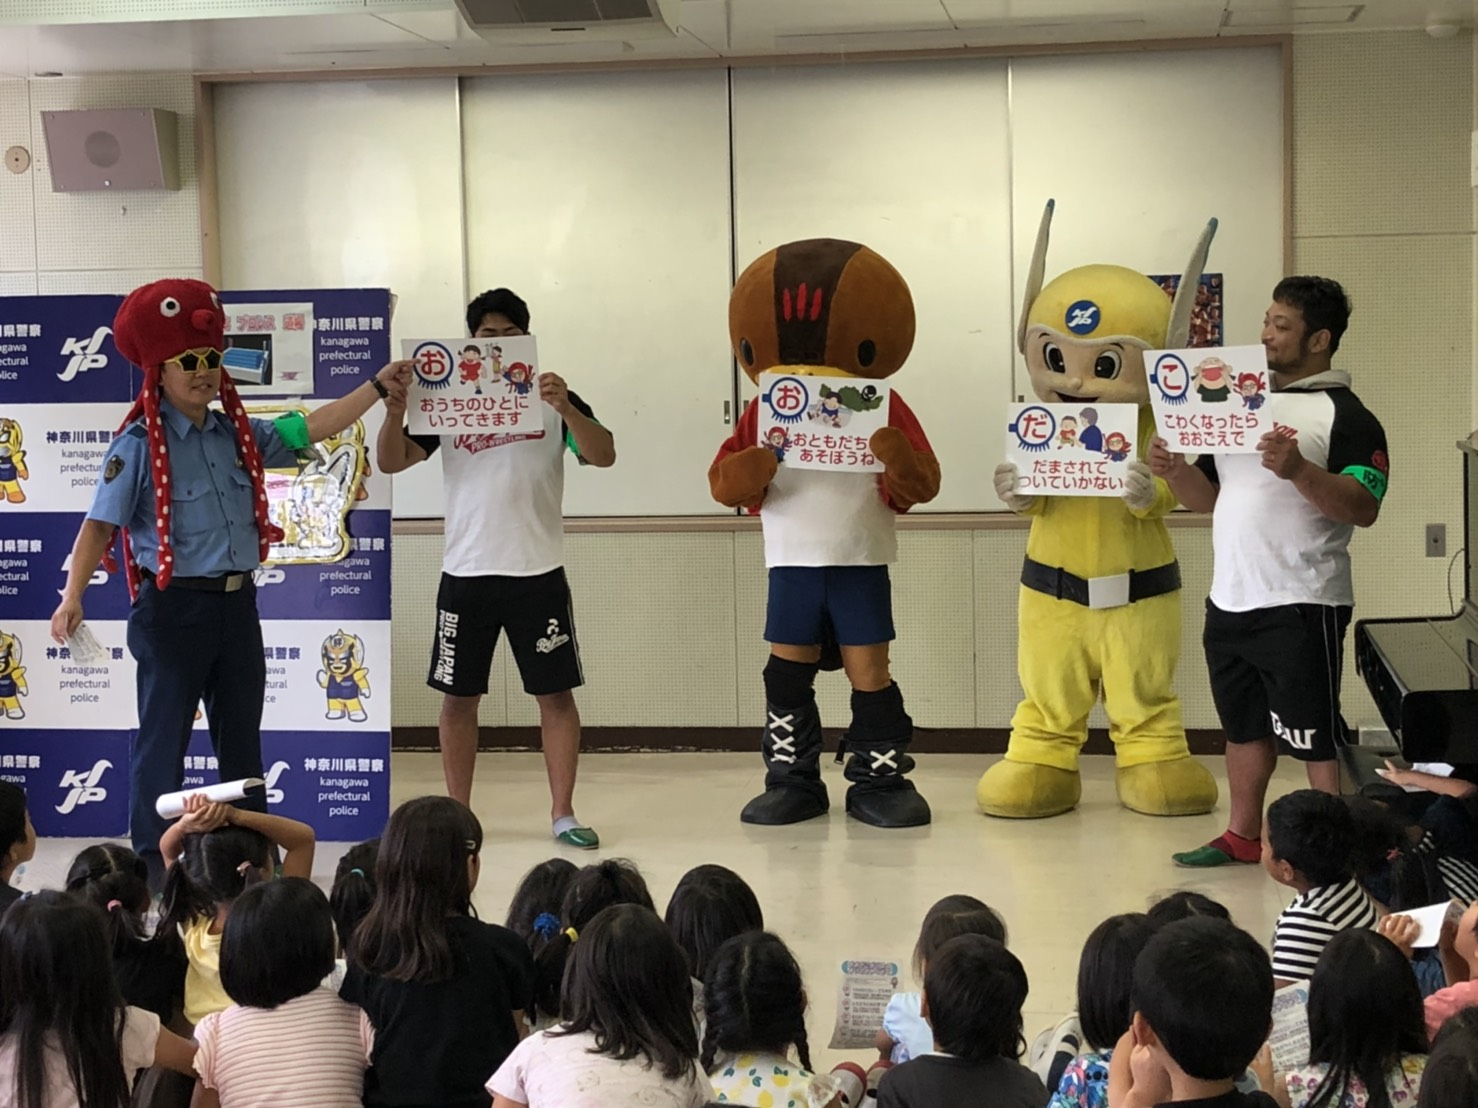 【報告】大日本プロレスが都筑区小学校の地域活動に参加